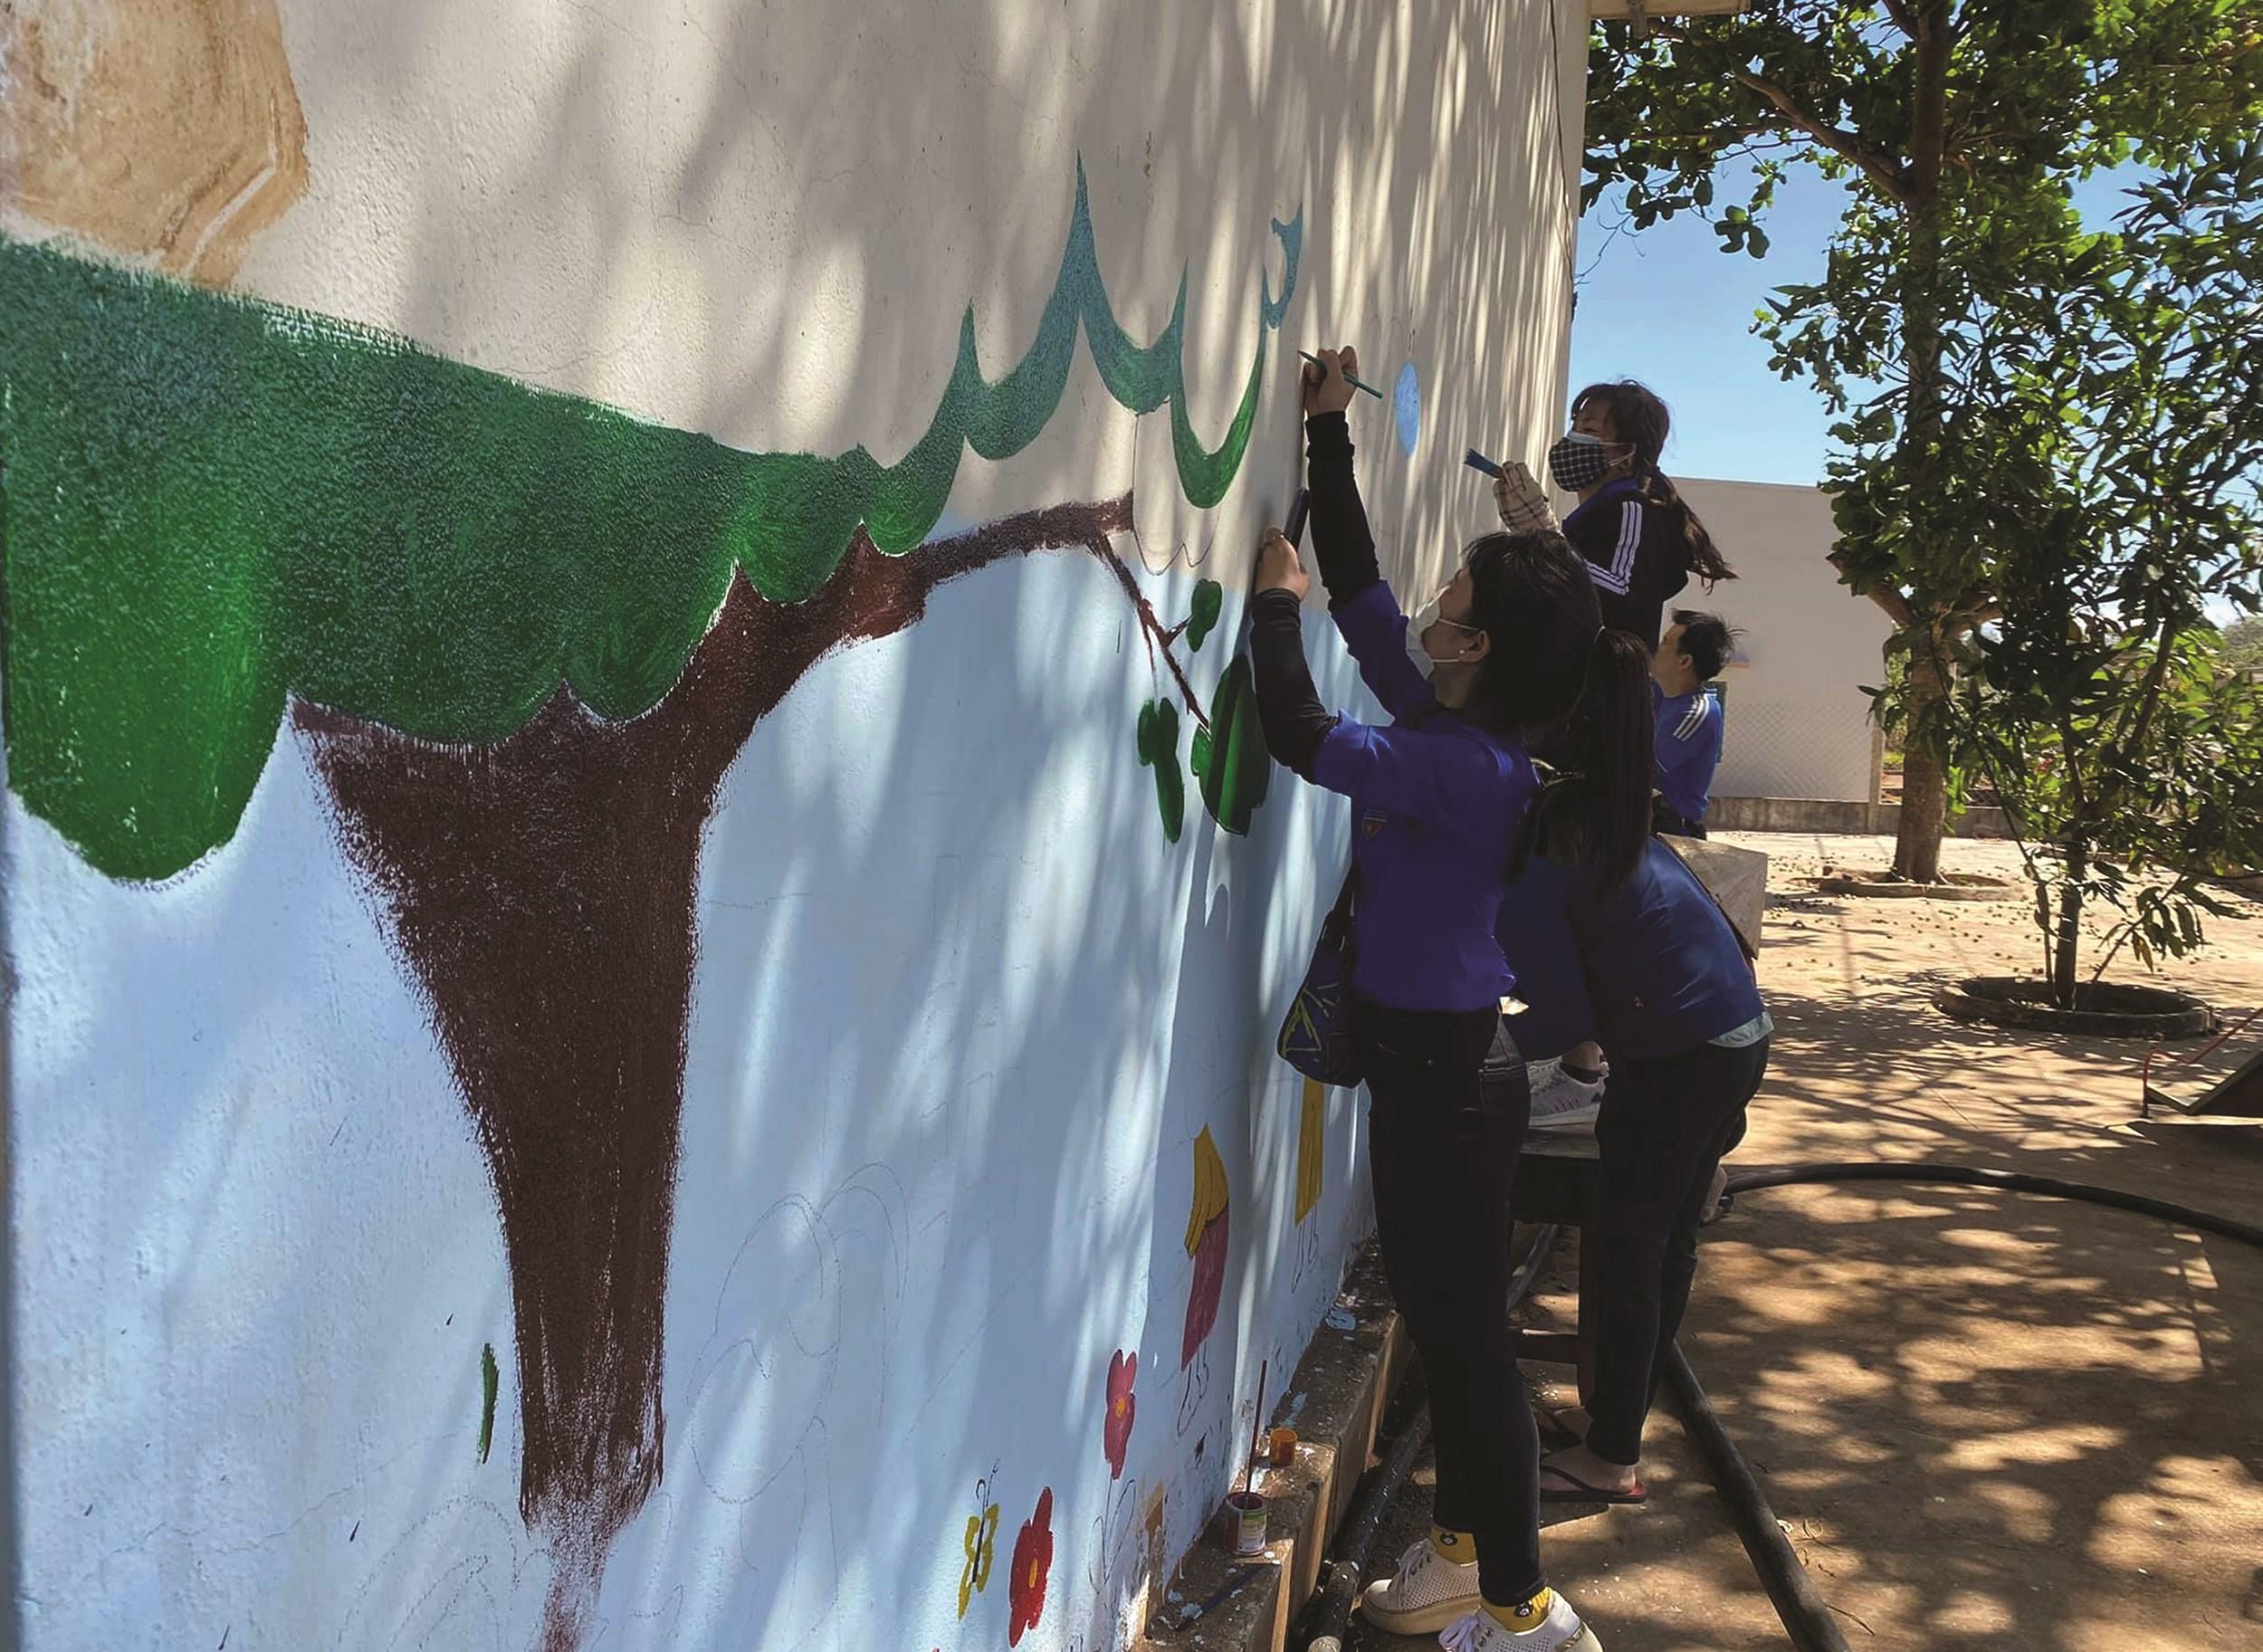 Các bức tường ở các trường học vùng sâu đã bị cũ, ẩm mốc được thay bằng những bức tranh sinh động, tạo sự thích thú cho các em học sinh.